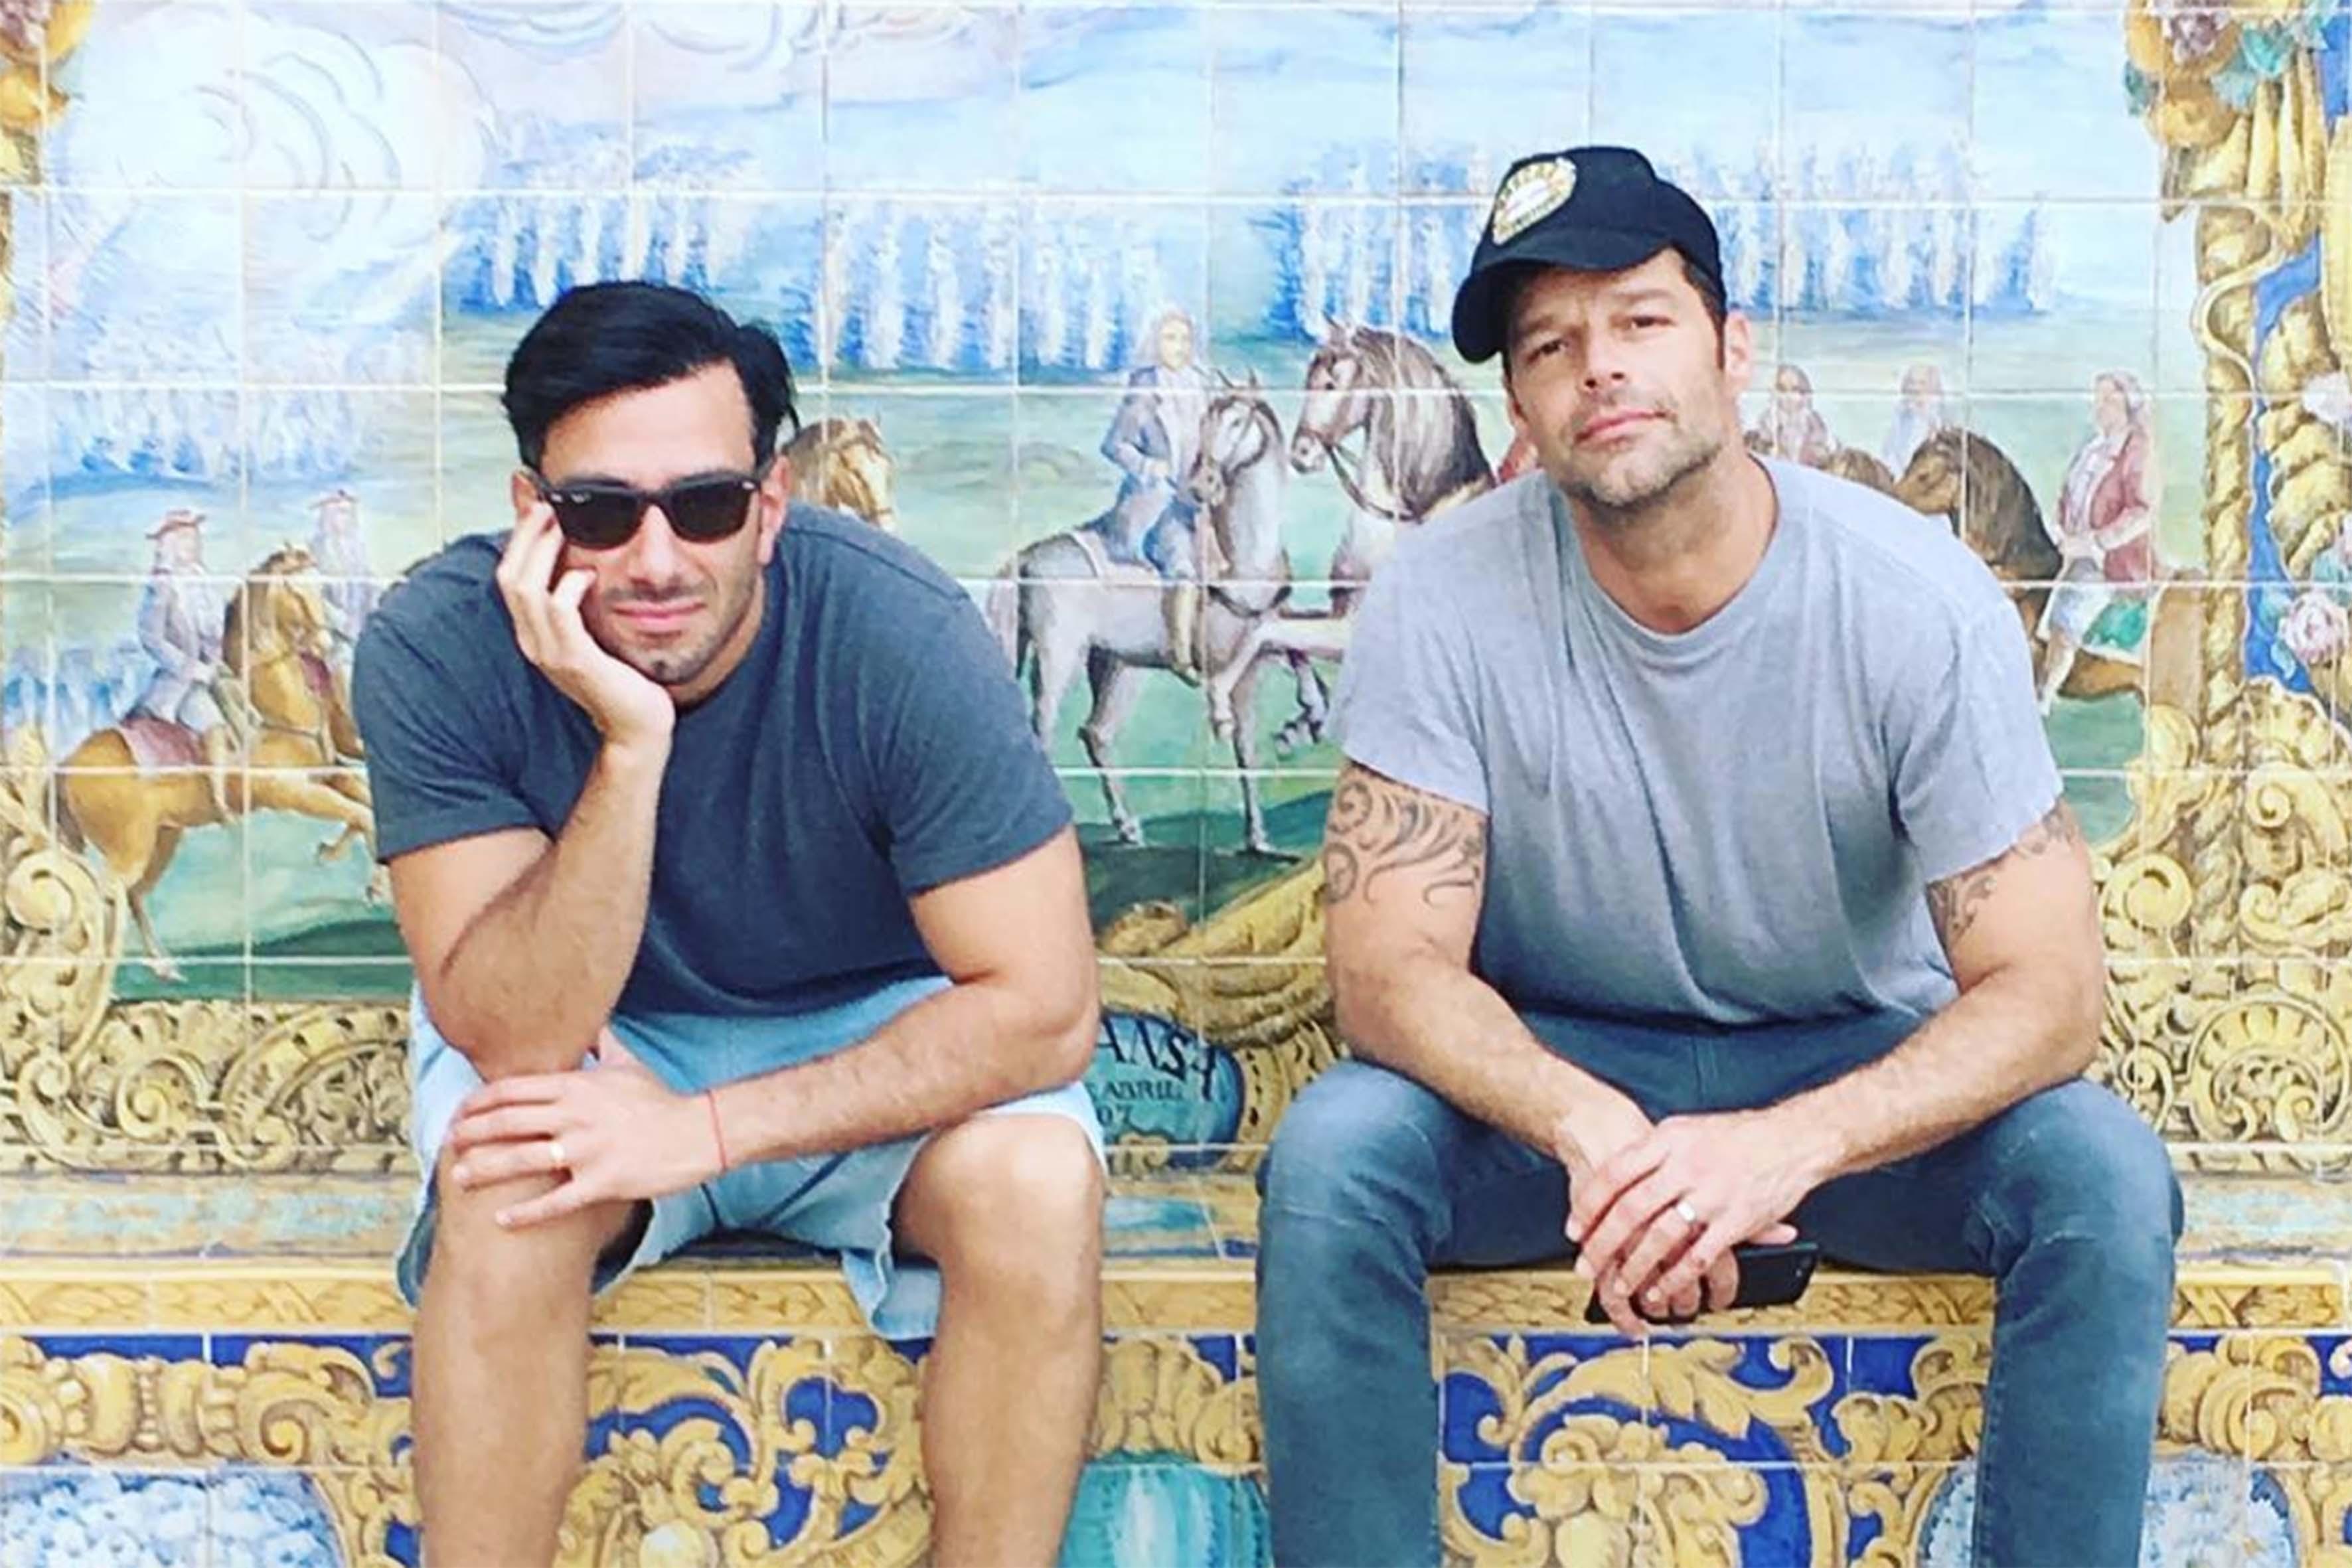 """Una foto pubblicata da Ricky Martin sul suo profilo Instagram. """"Questo è meraviglioso, mi sento benissimo. - ha rivelato il cantante a proposito del suo recente matrimonio - Adesso non posso più presentarlo come 'il mio fidanzato', ora lui è mio marito, il mio uomo"""""""